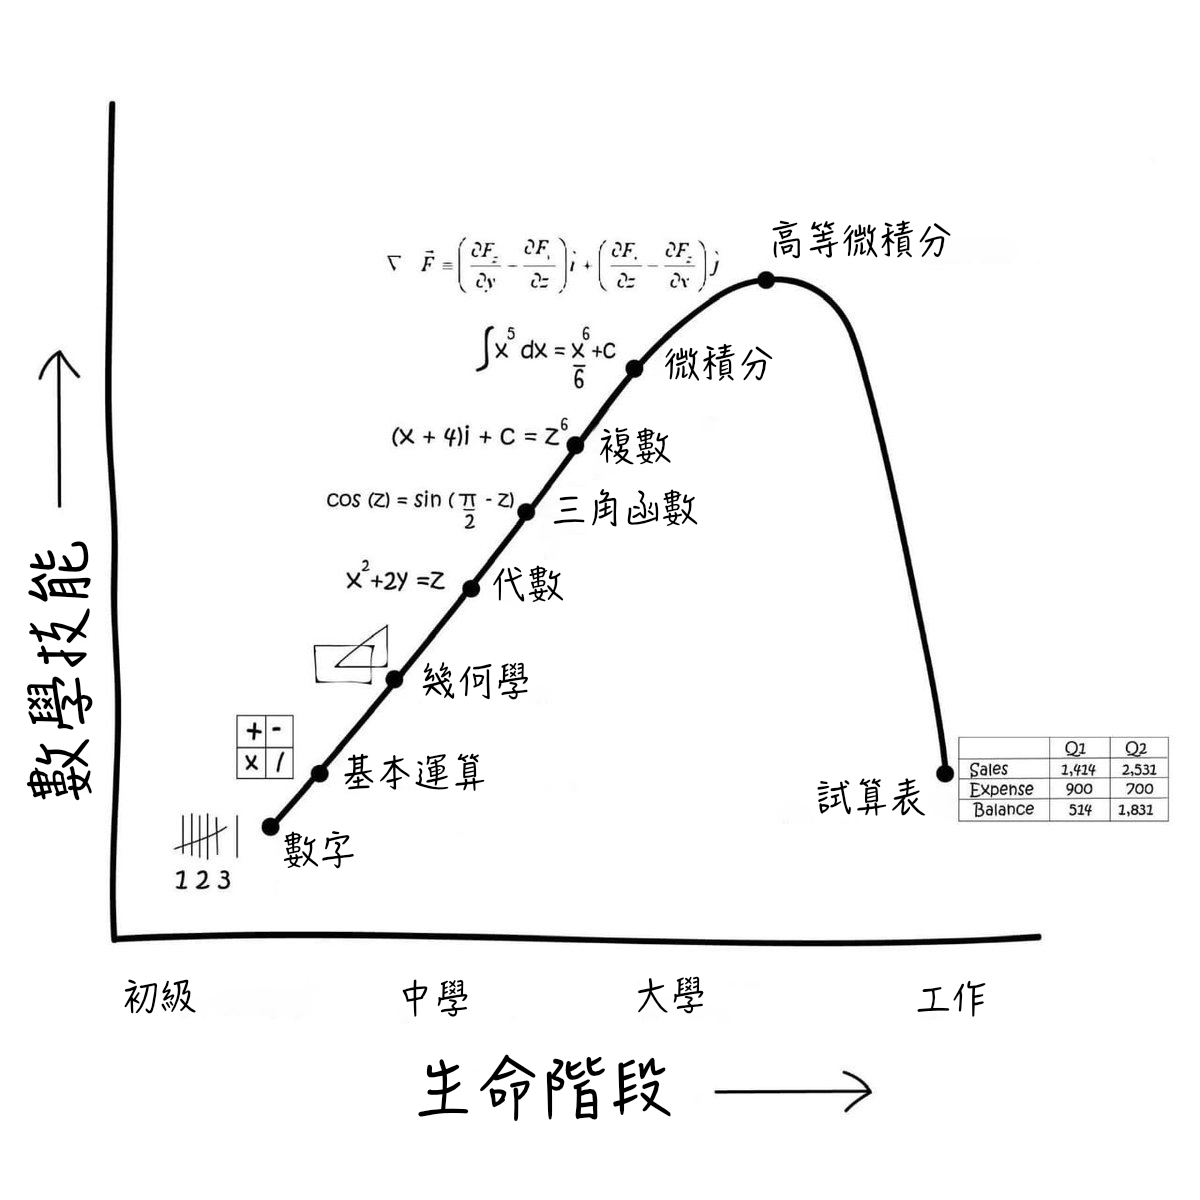 圖片修改自《Math skill and stage of life》